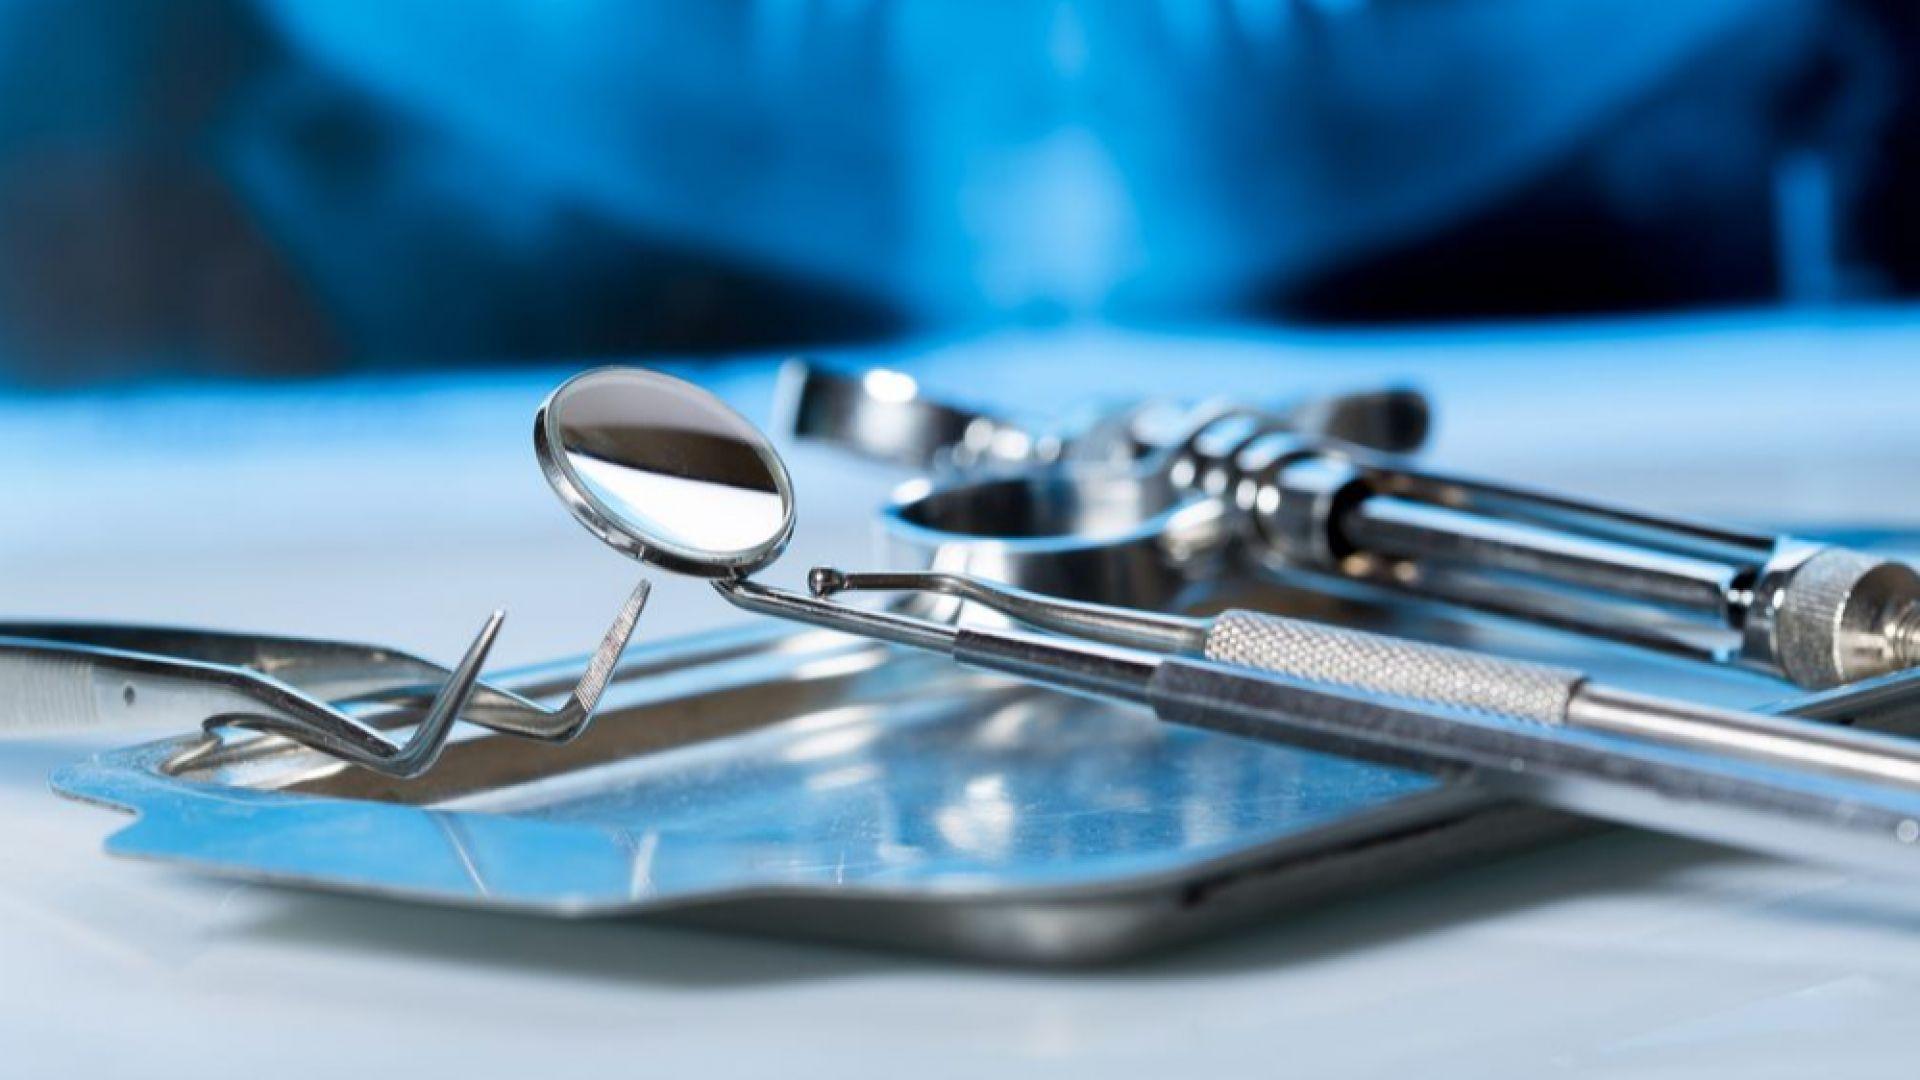 Софийска градска прокуратура привлече към наказателна отговорност петима лекари по